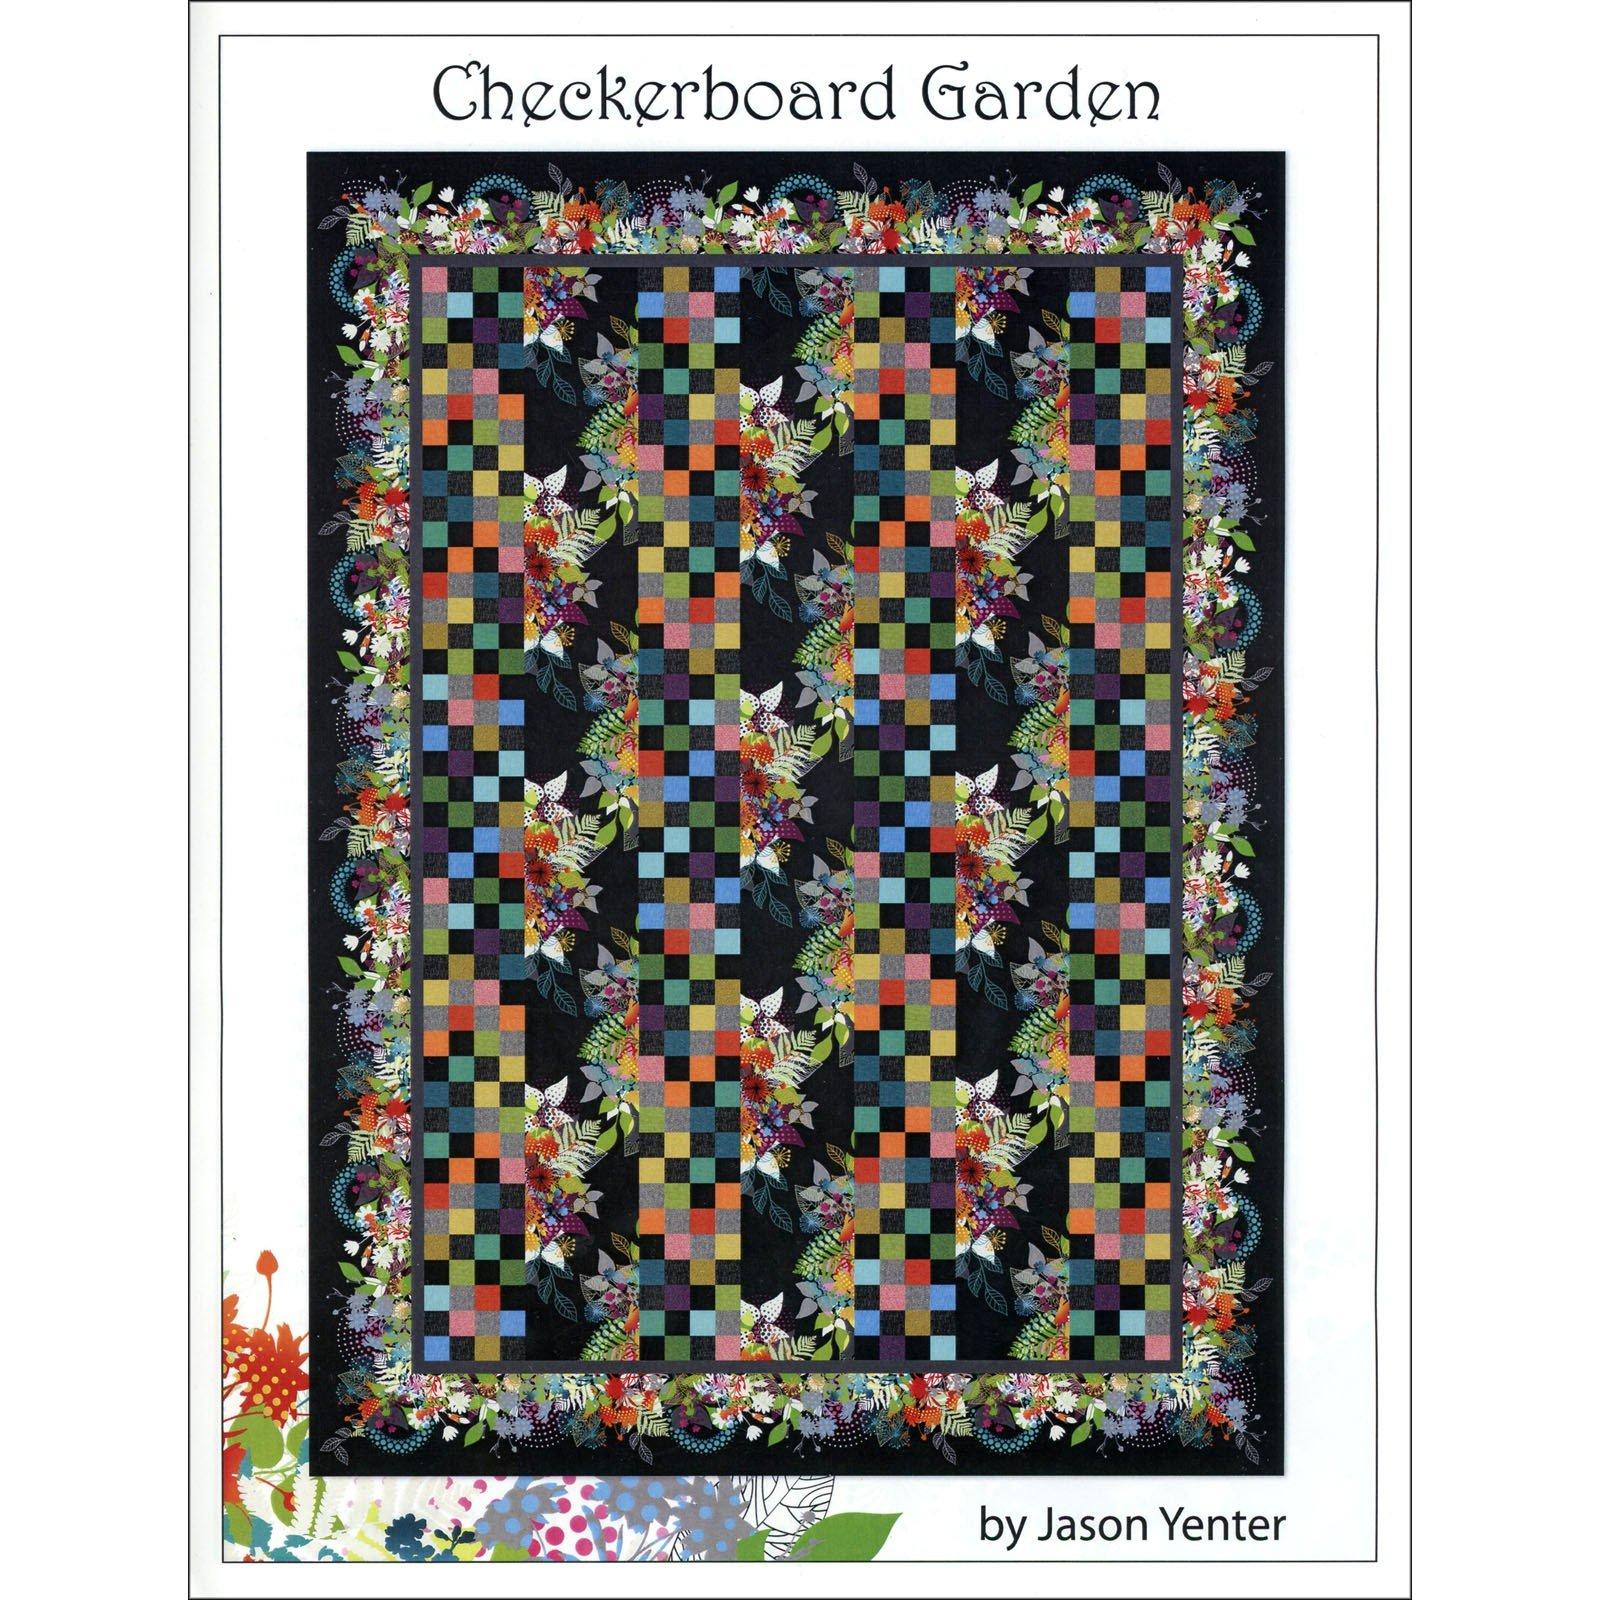 Checkerboard Garden Pattern - Jason Yenter - ITBUG1P